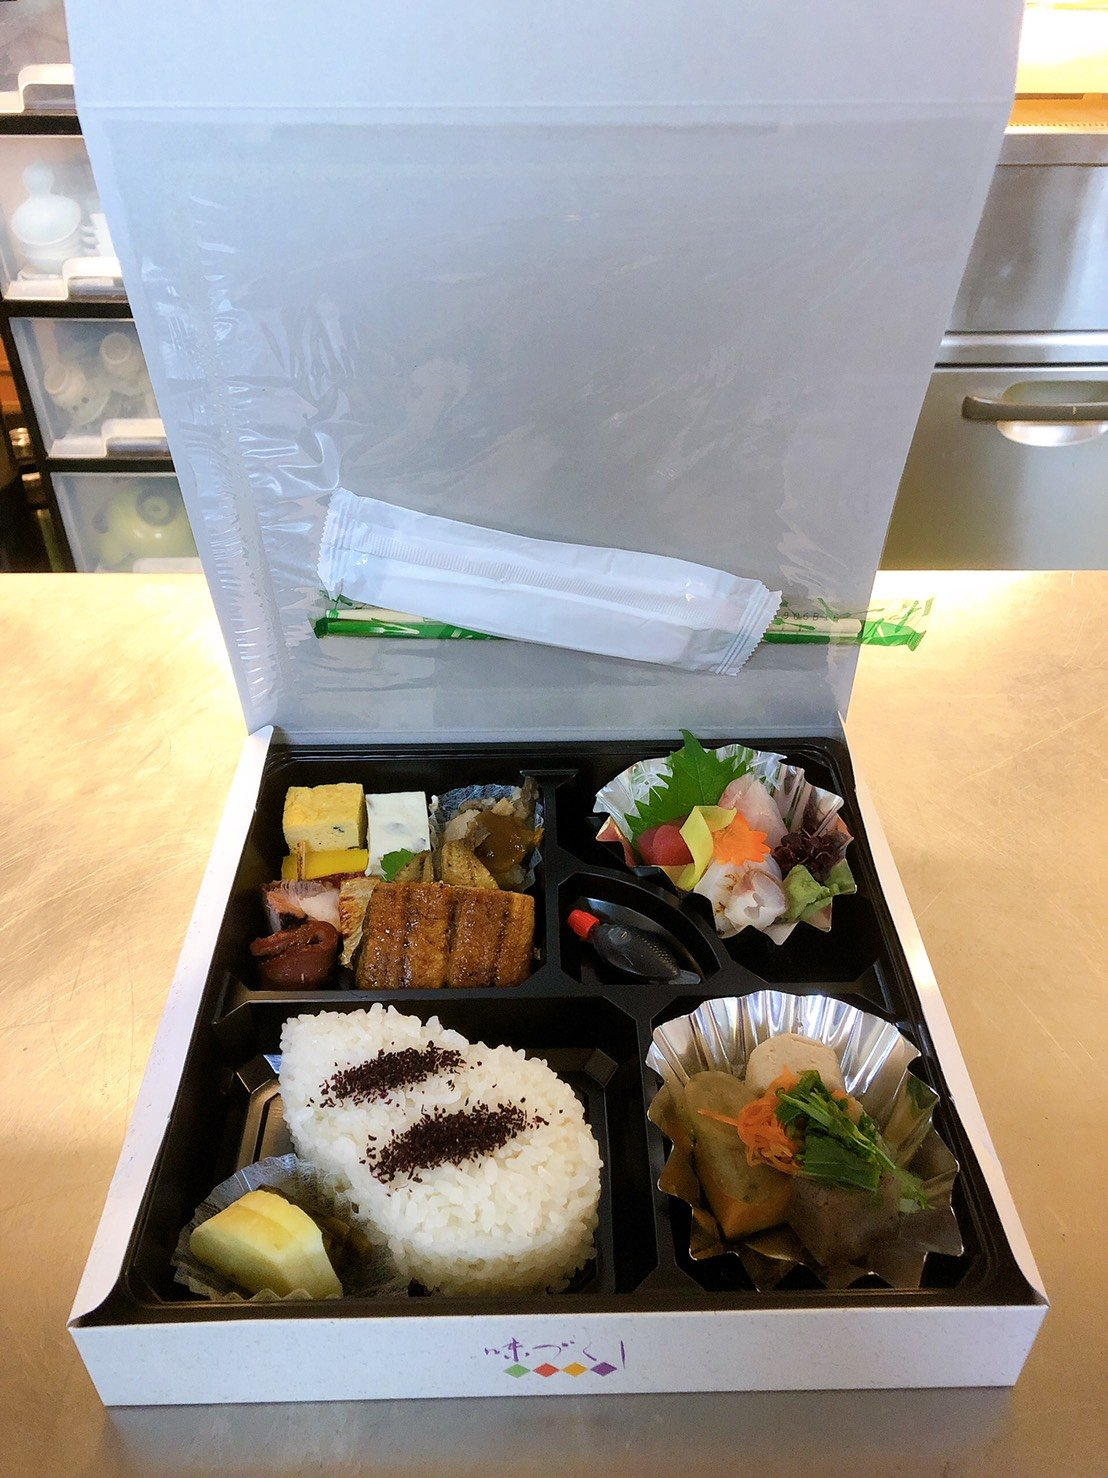 【テイクアウト・出前用】松花堂弁当(うなぎ入り)のイメージその2